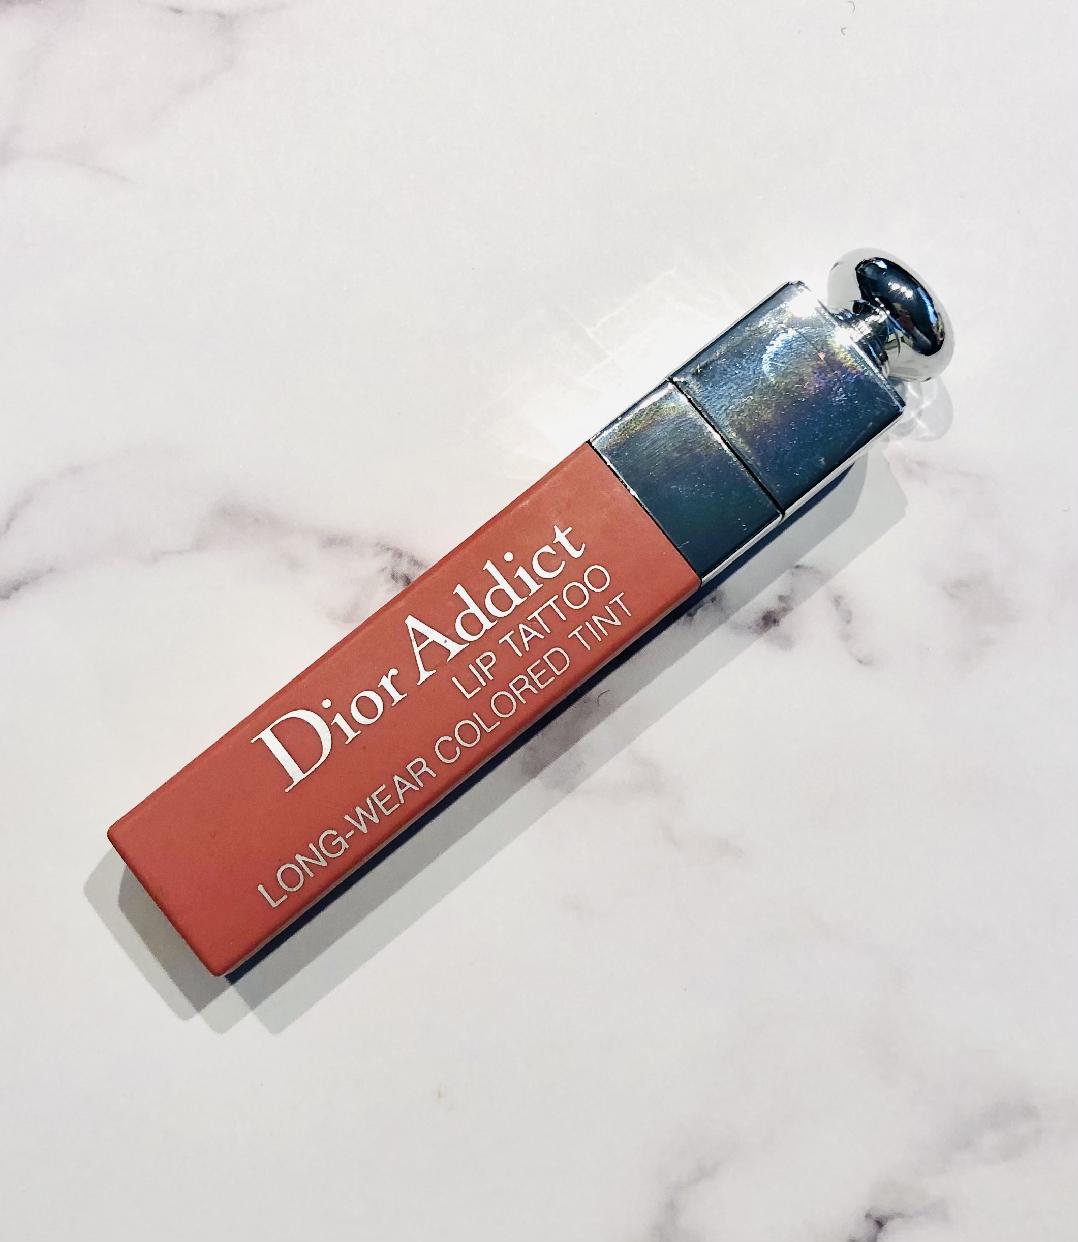 Dior(ディオール) アディクト リップ ティントを使ったしいちゃんさんのクチコミ画像1